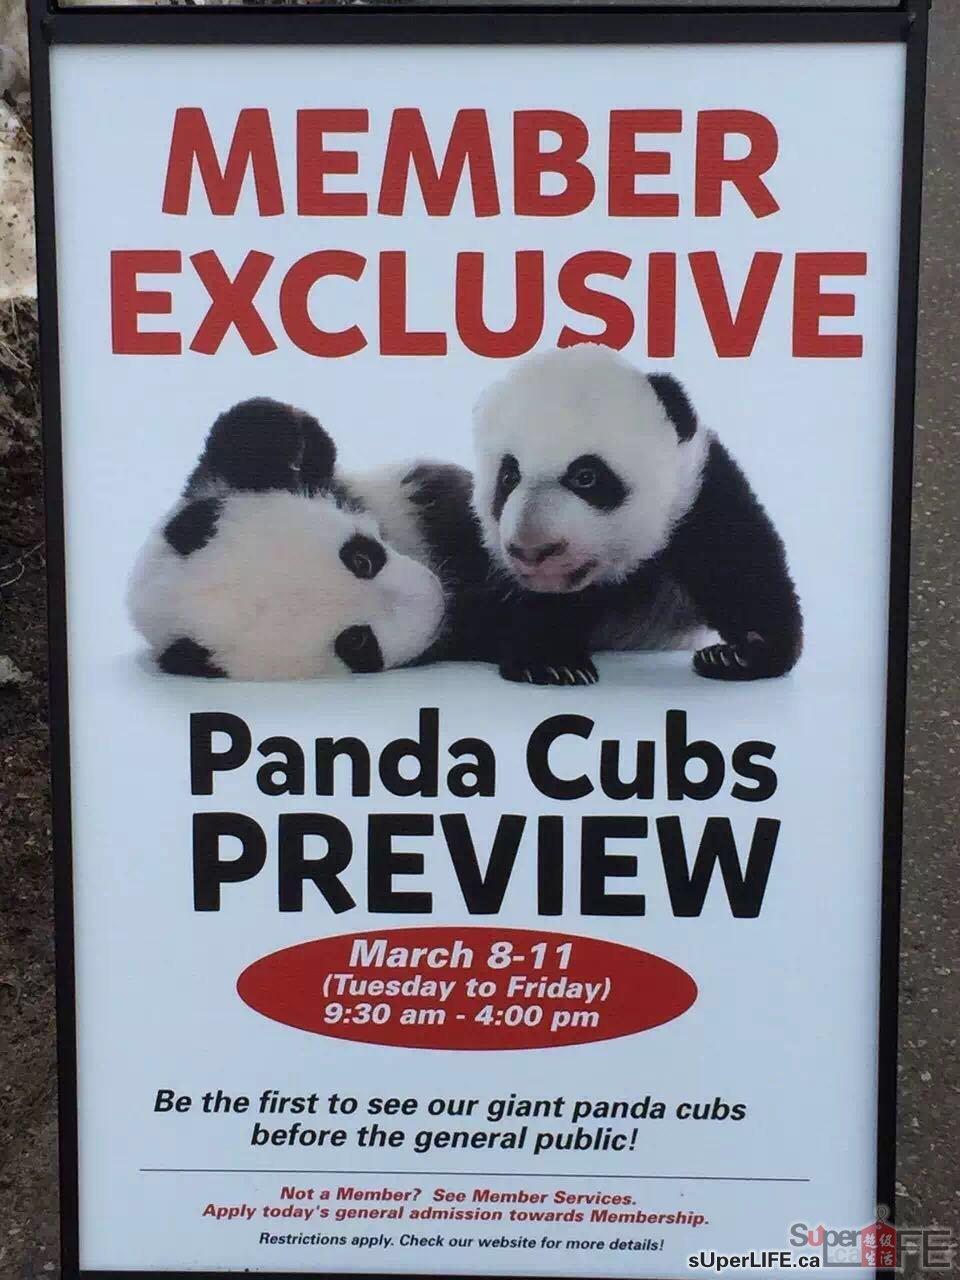 多伦多熊猫双胞胎宝宝今天首次亮相!